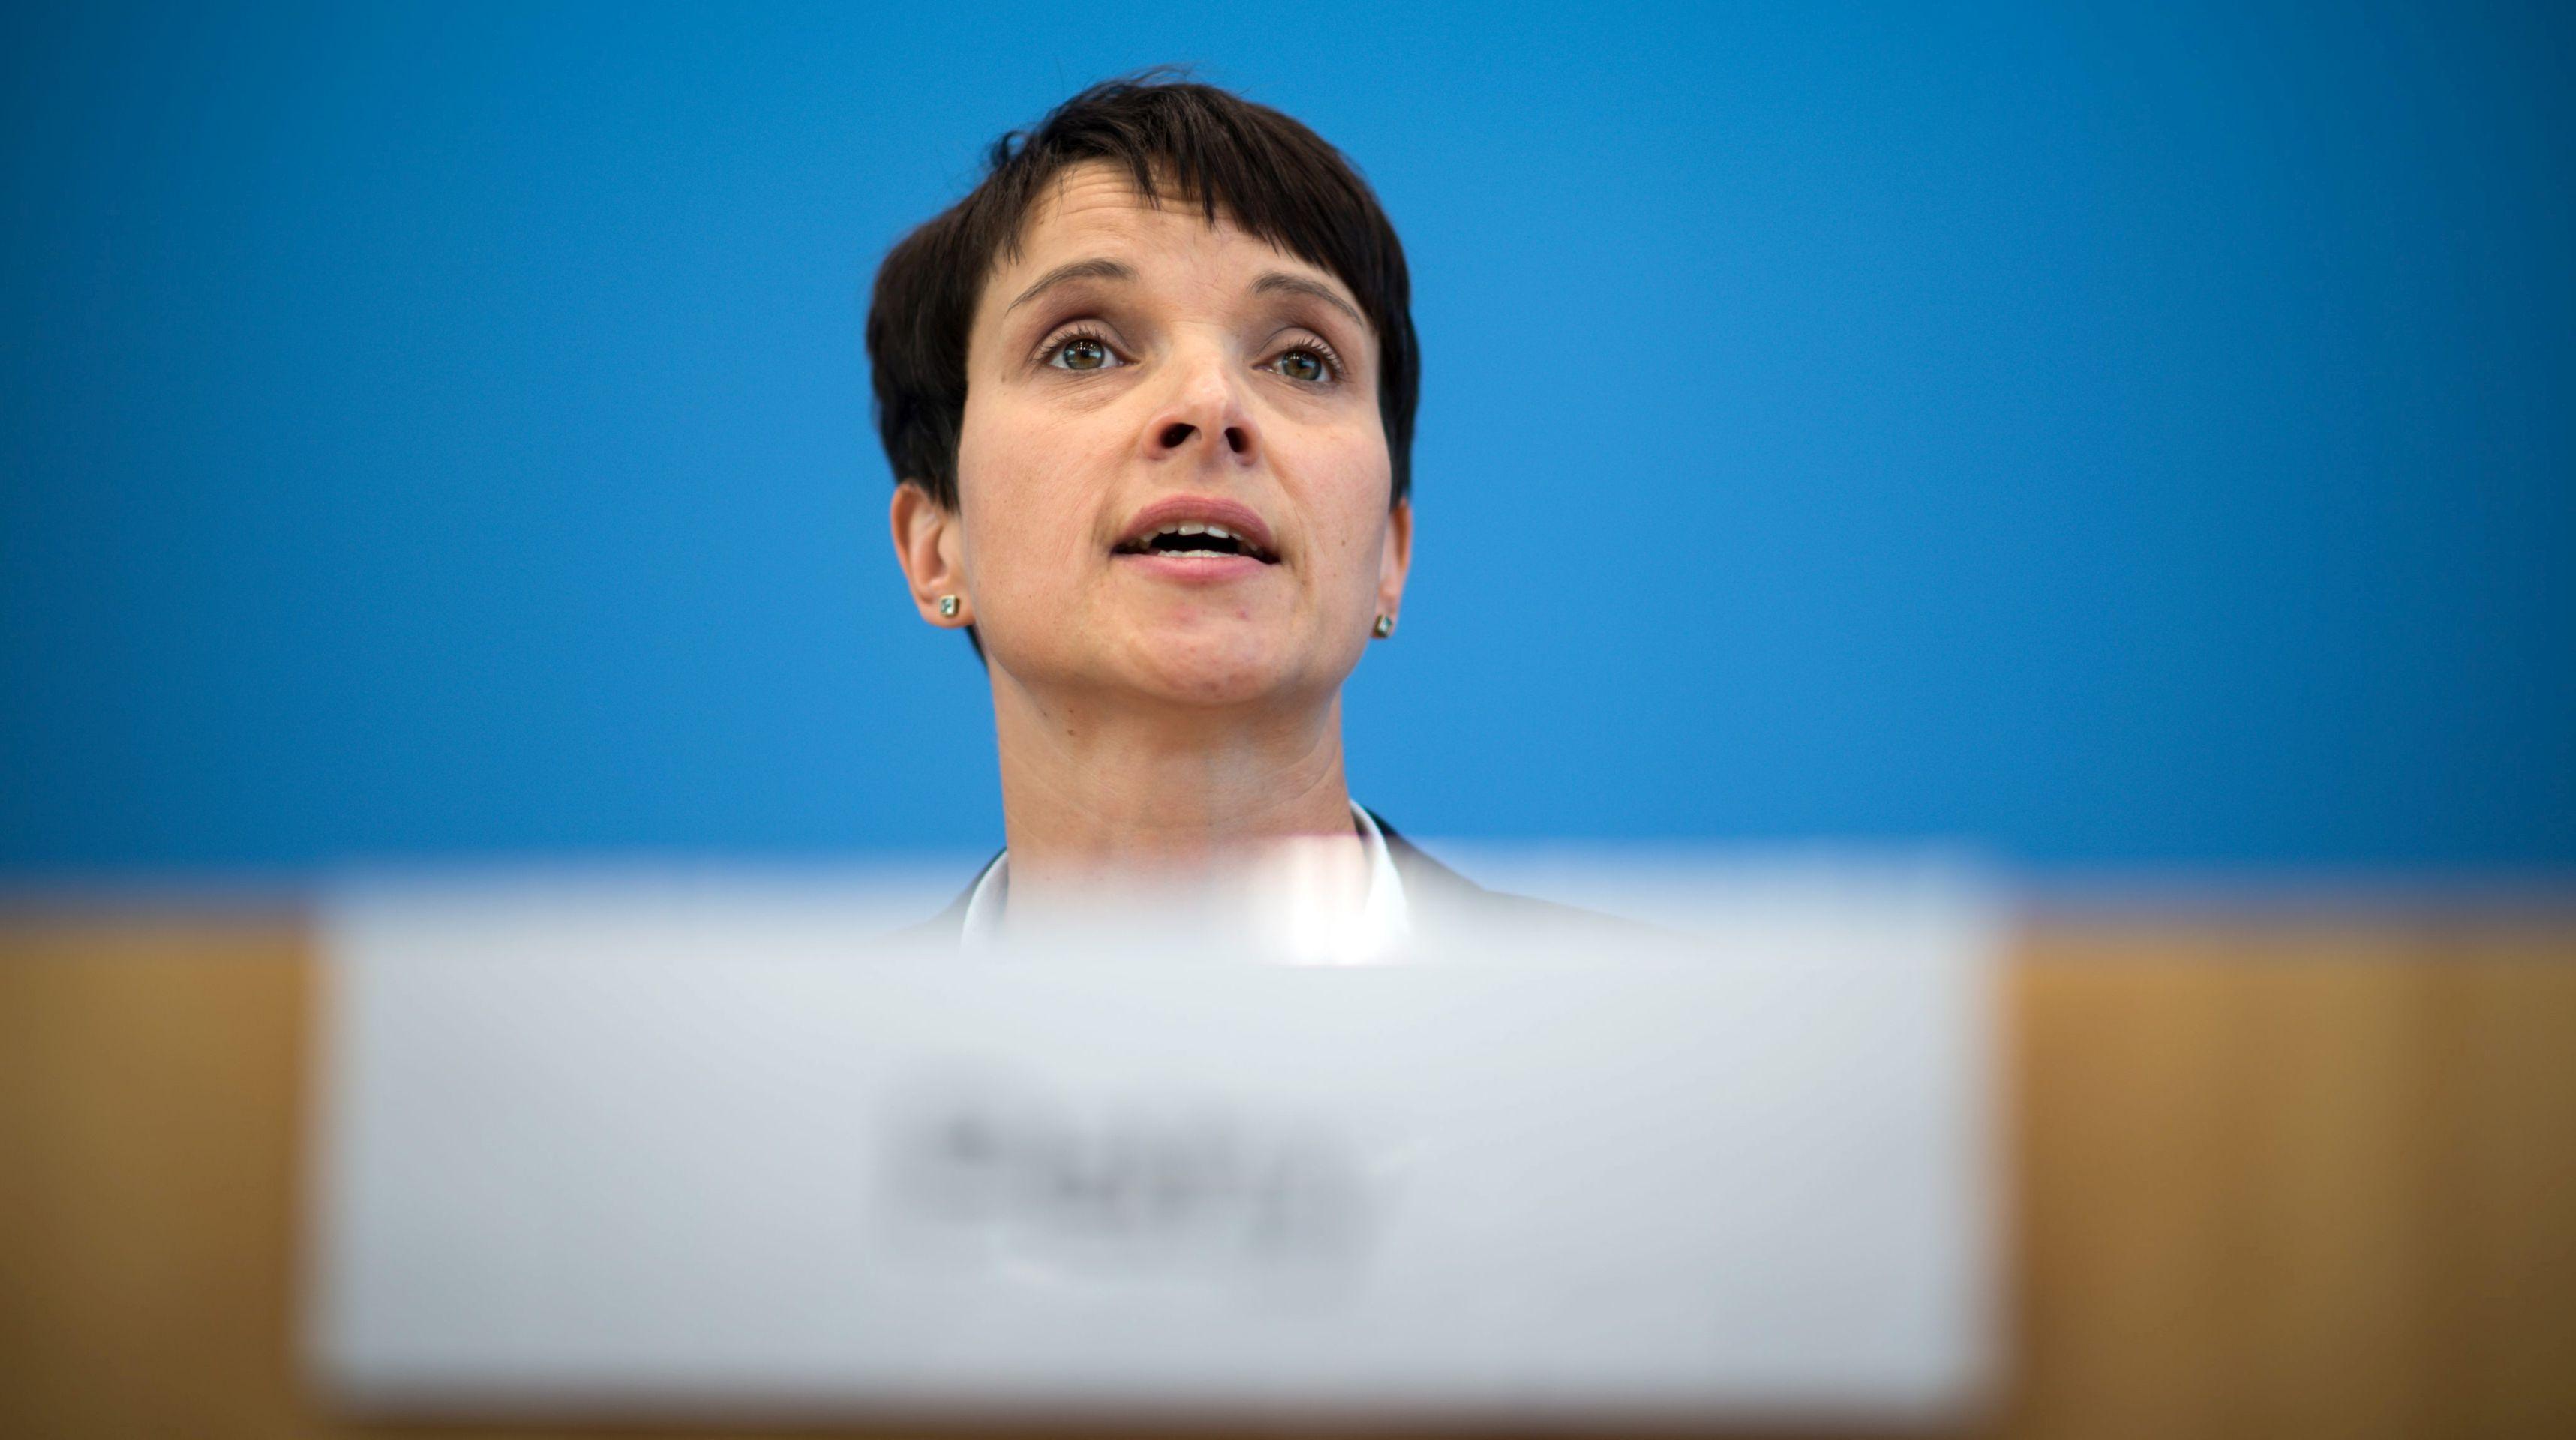 Čelnica njemačke desnopopulističke AfD razmatra izlazak iz politike